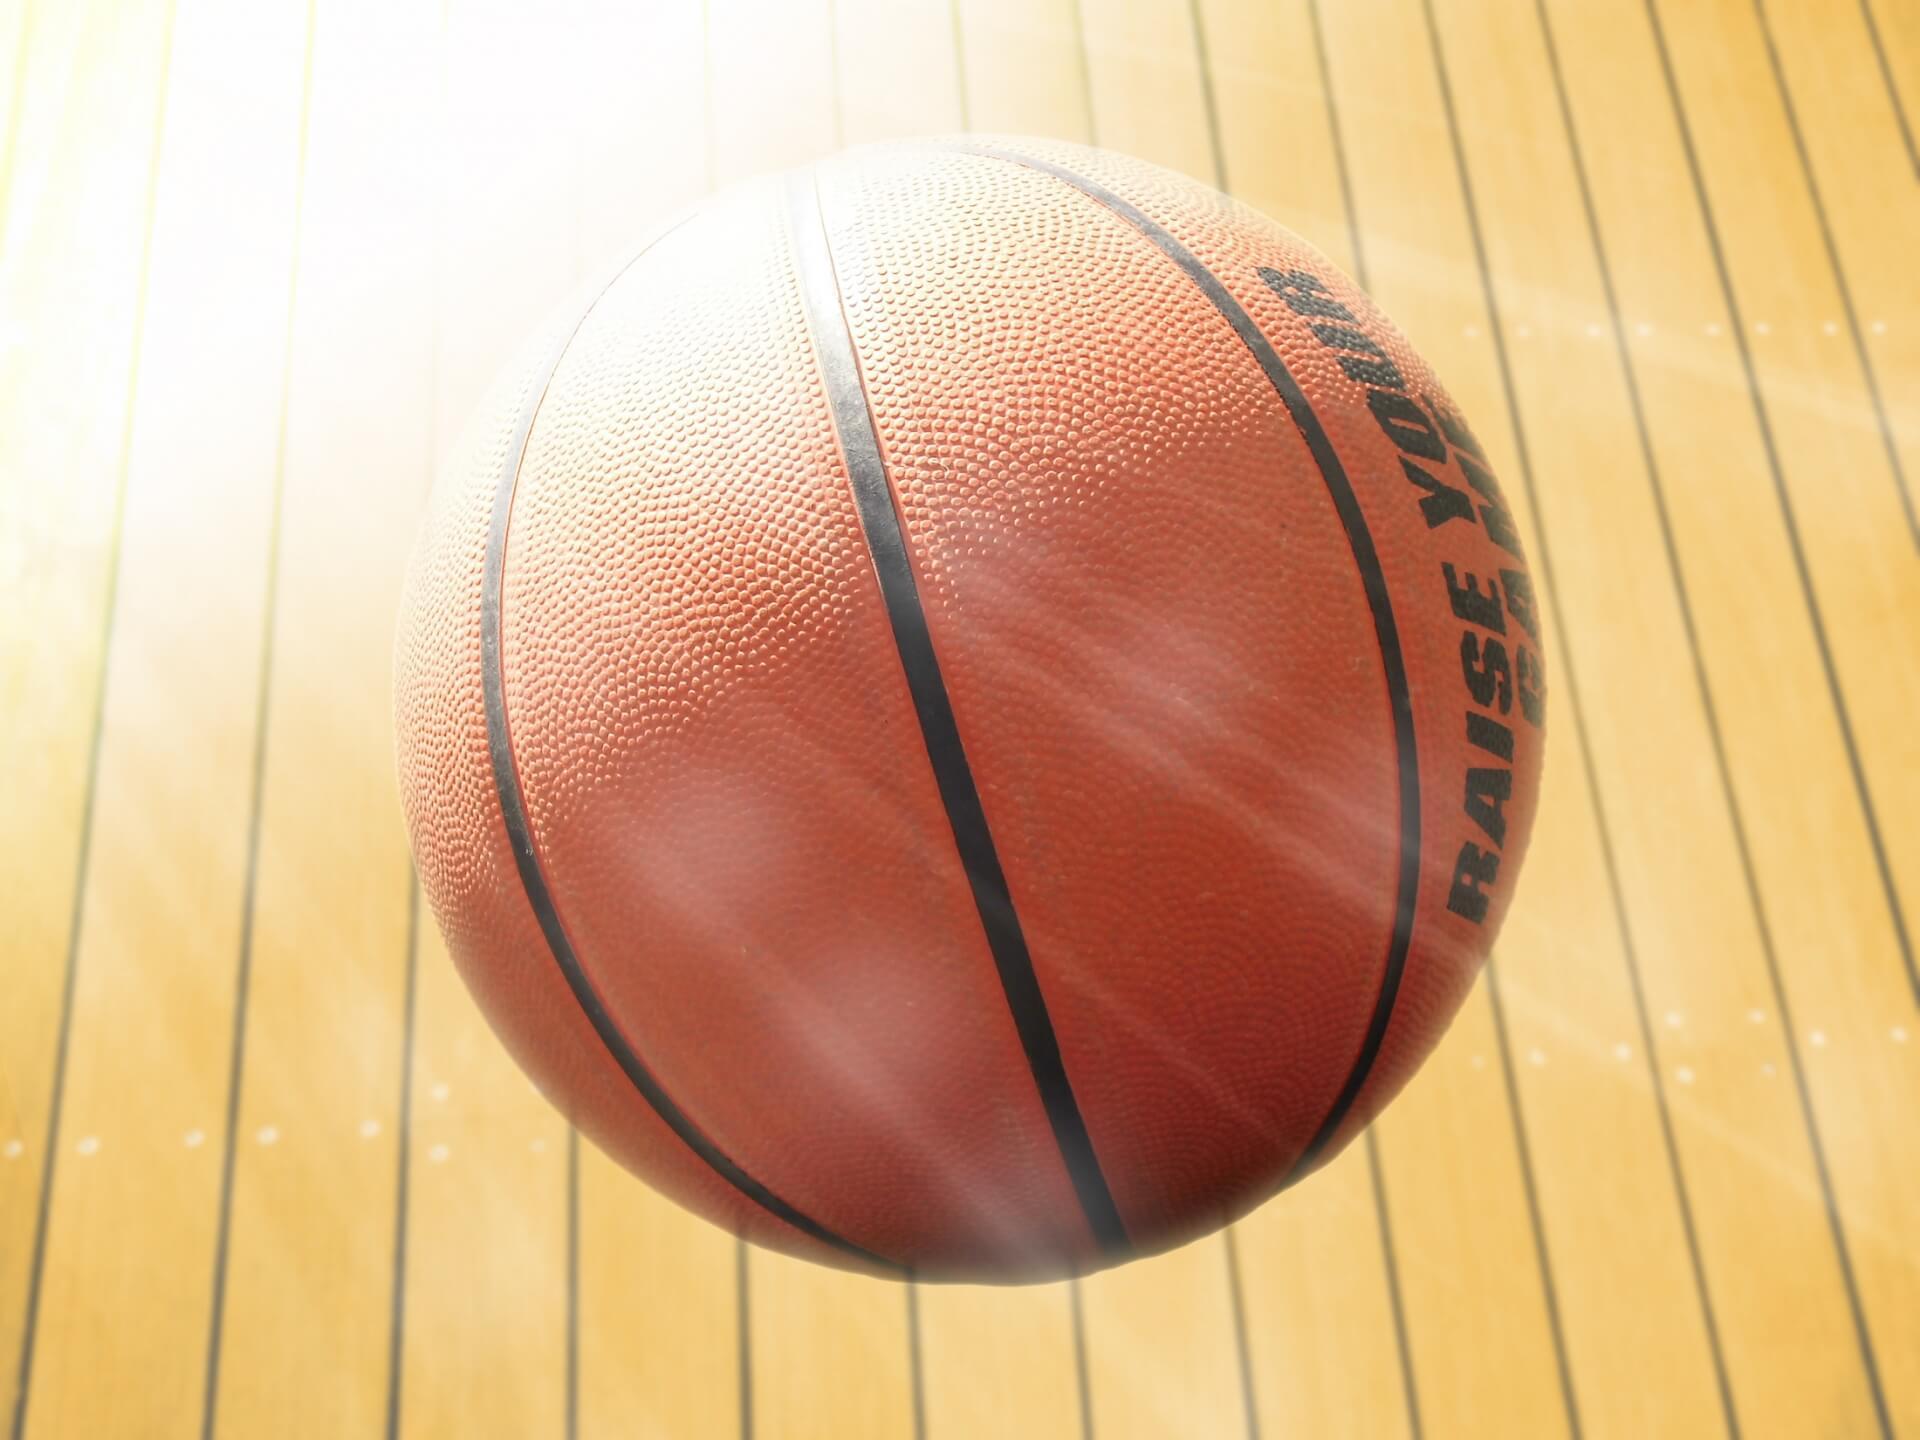 バスケットボールメーカーを紹介